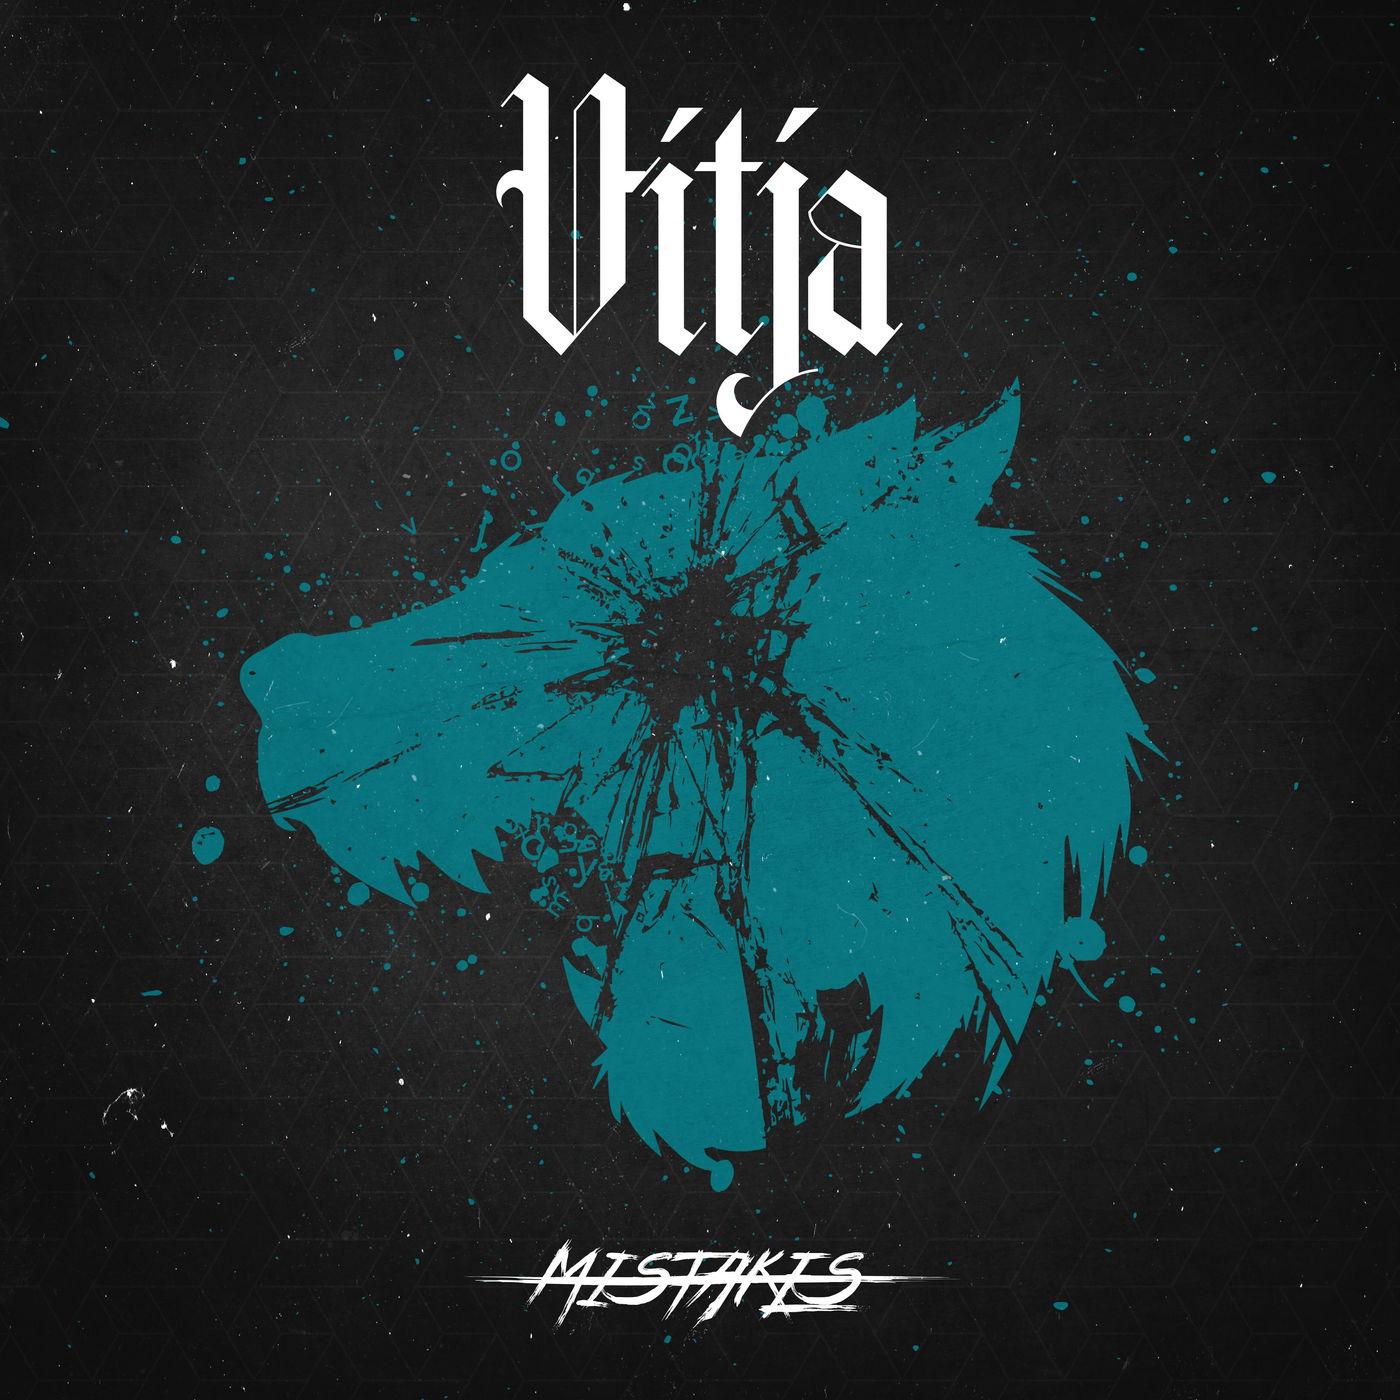 VITJA - Mistakes [single] (2019)